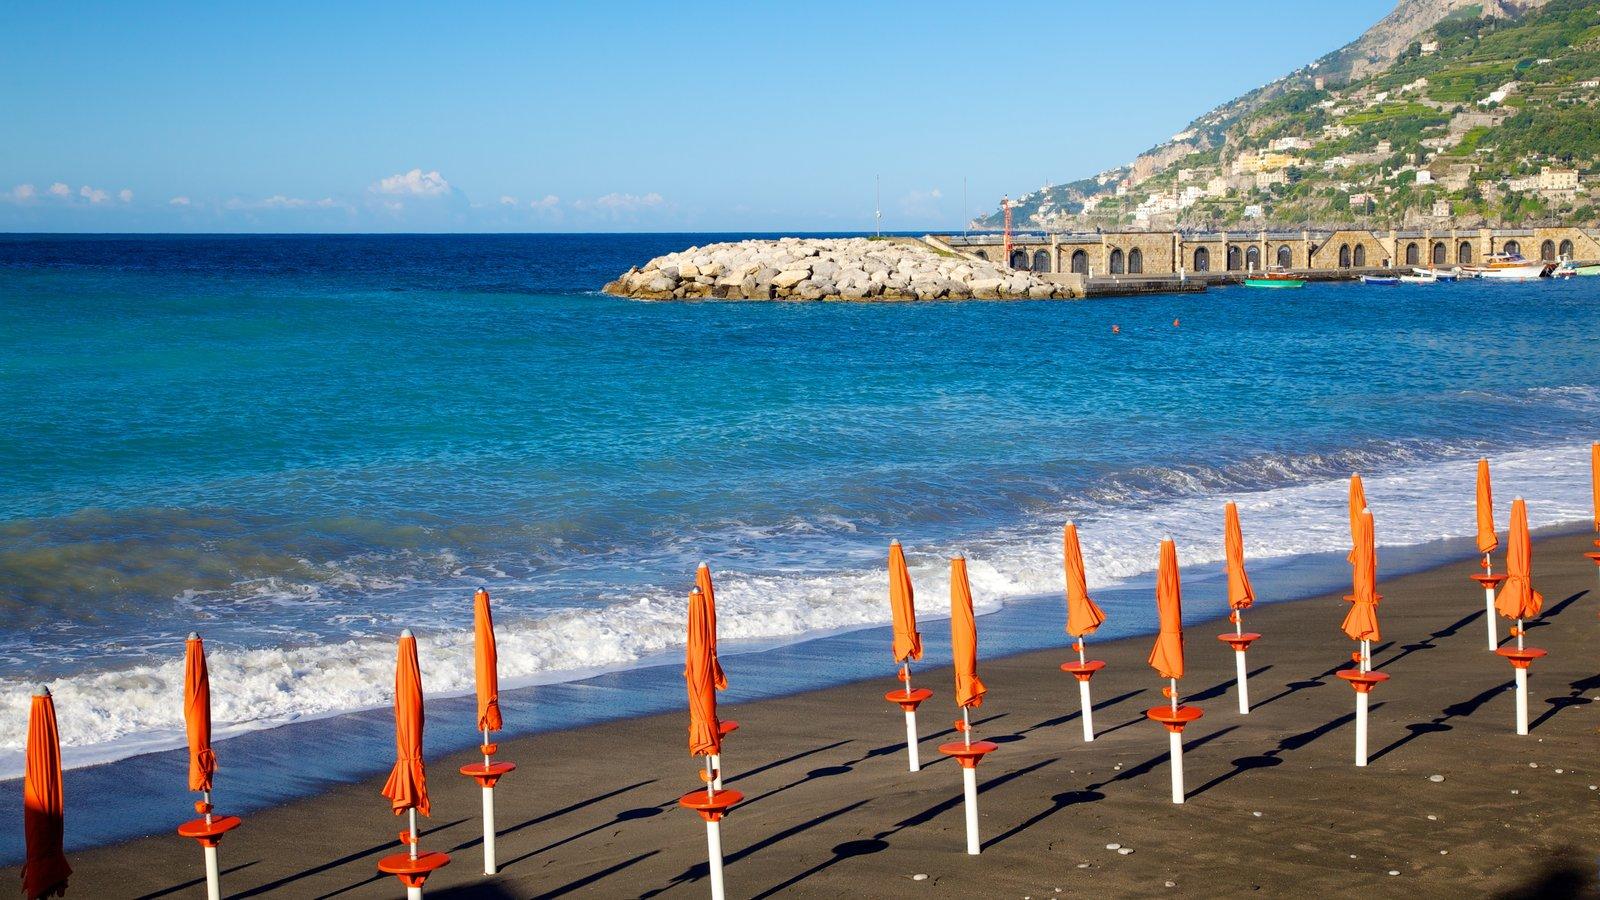 Costa de Amalfi mostrando uma praia